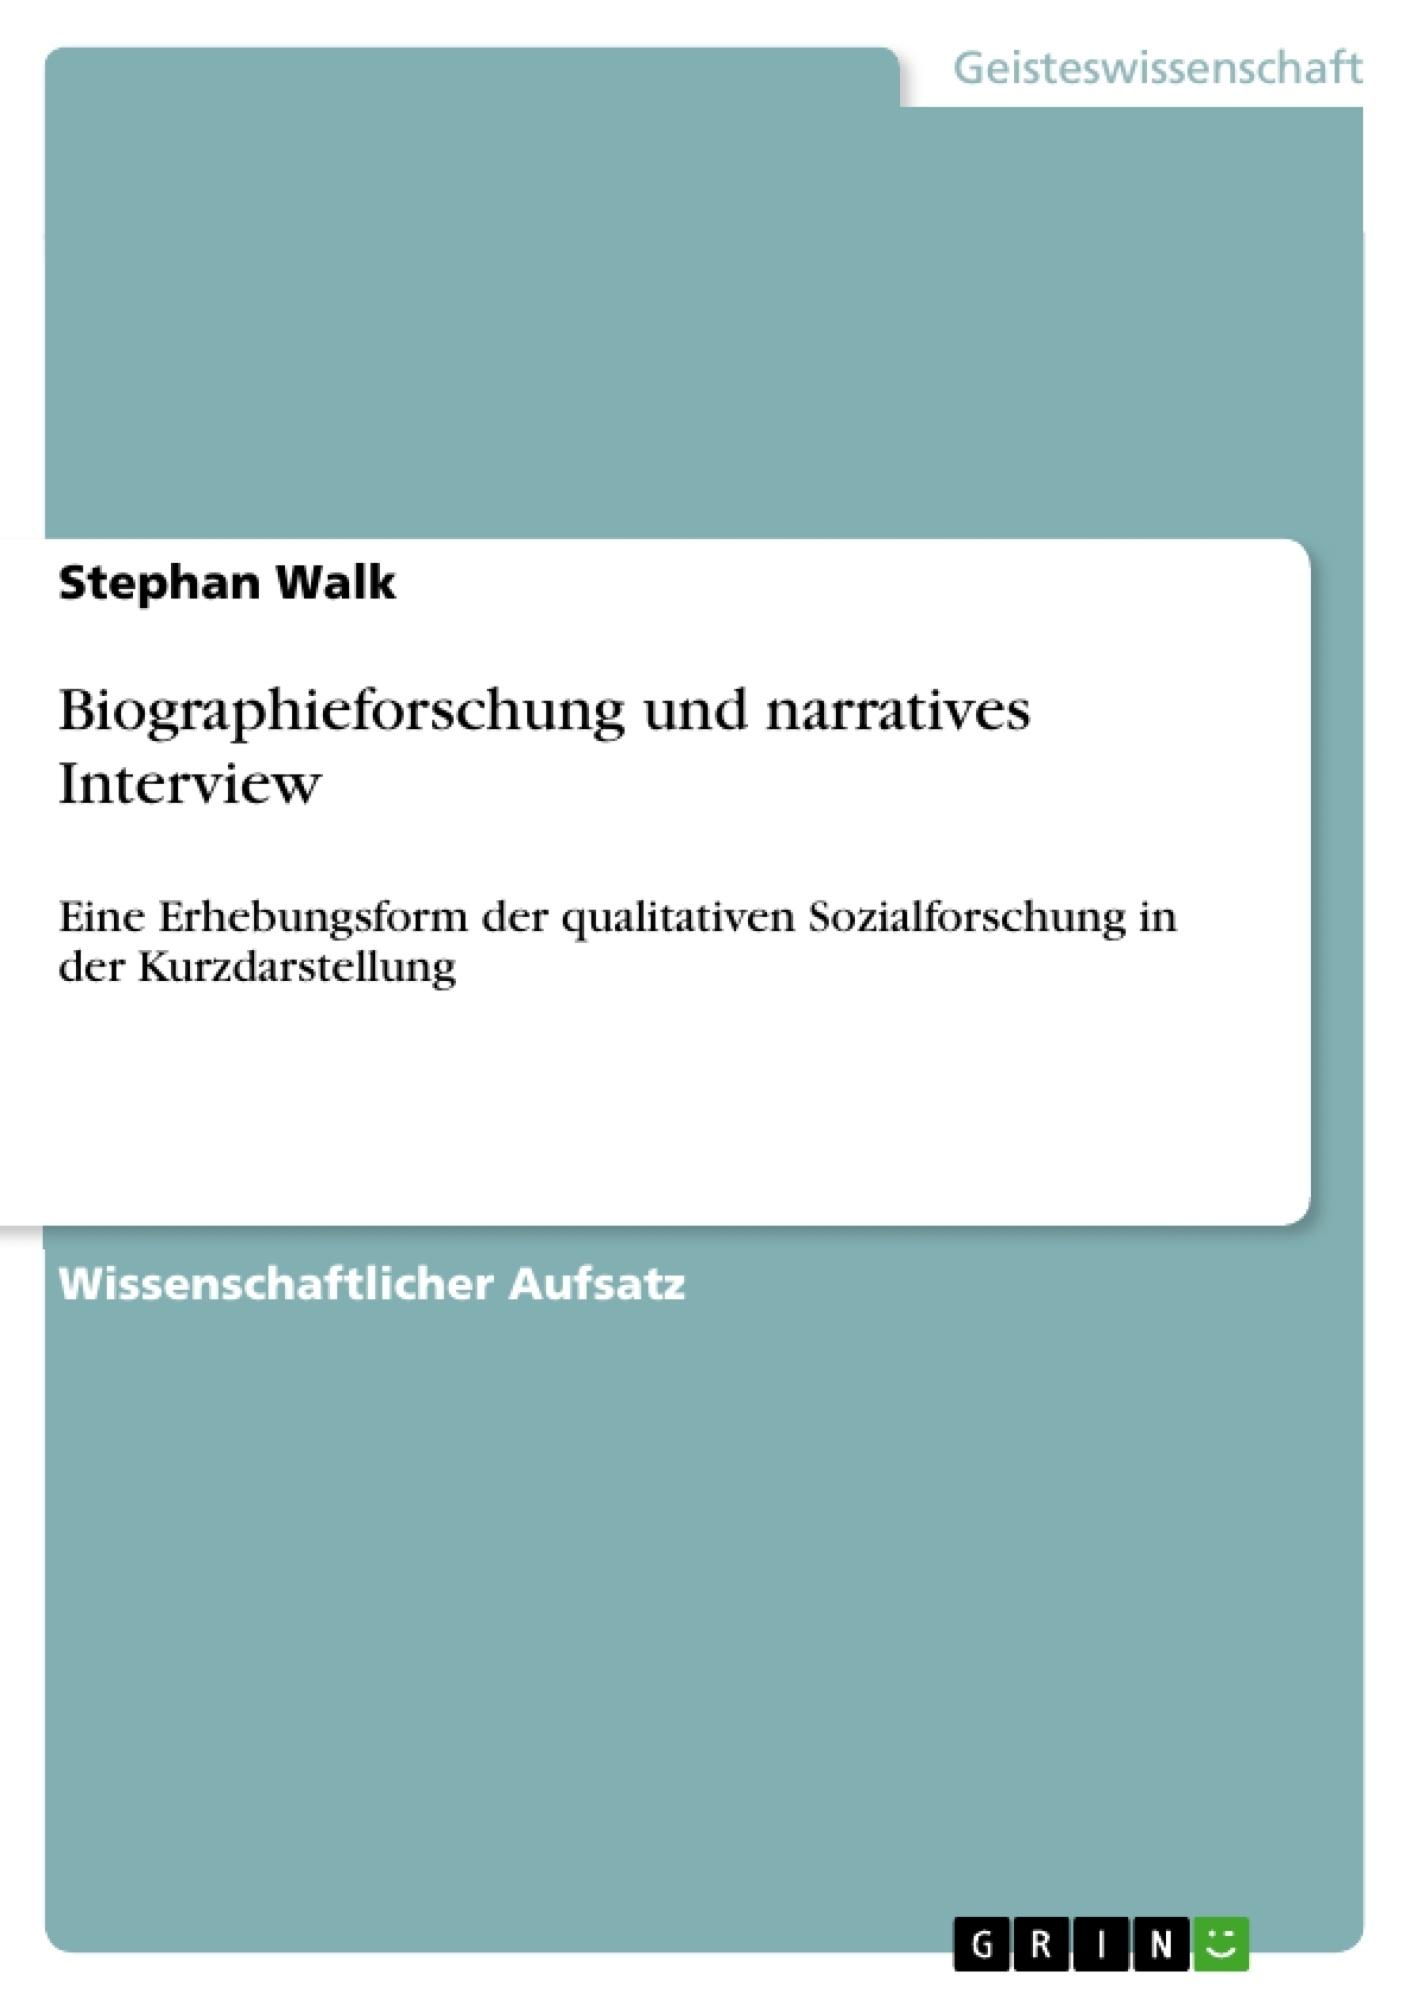 Titel: Biographieforschung und narratives Interview